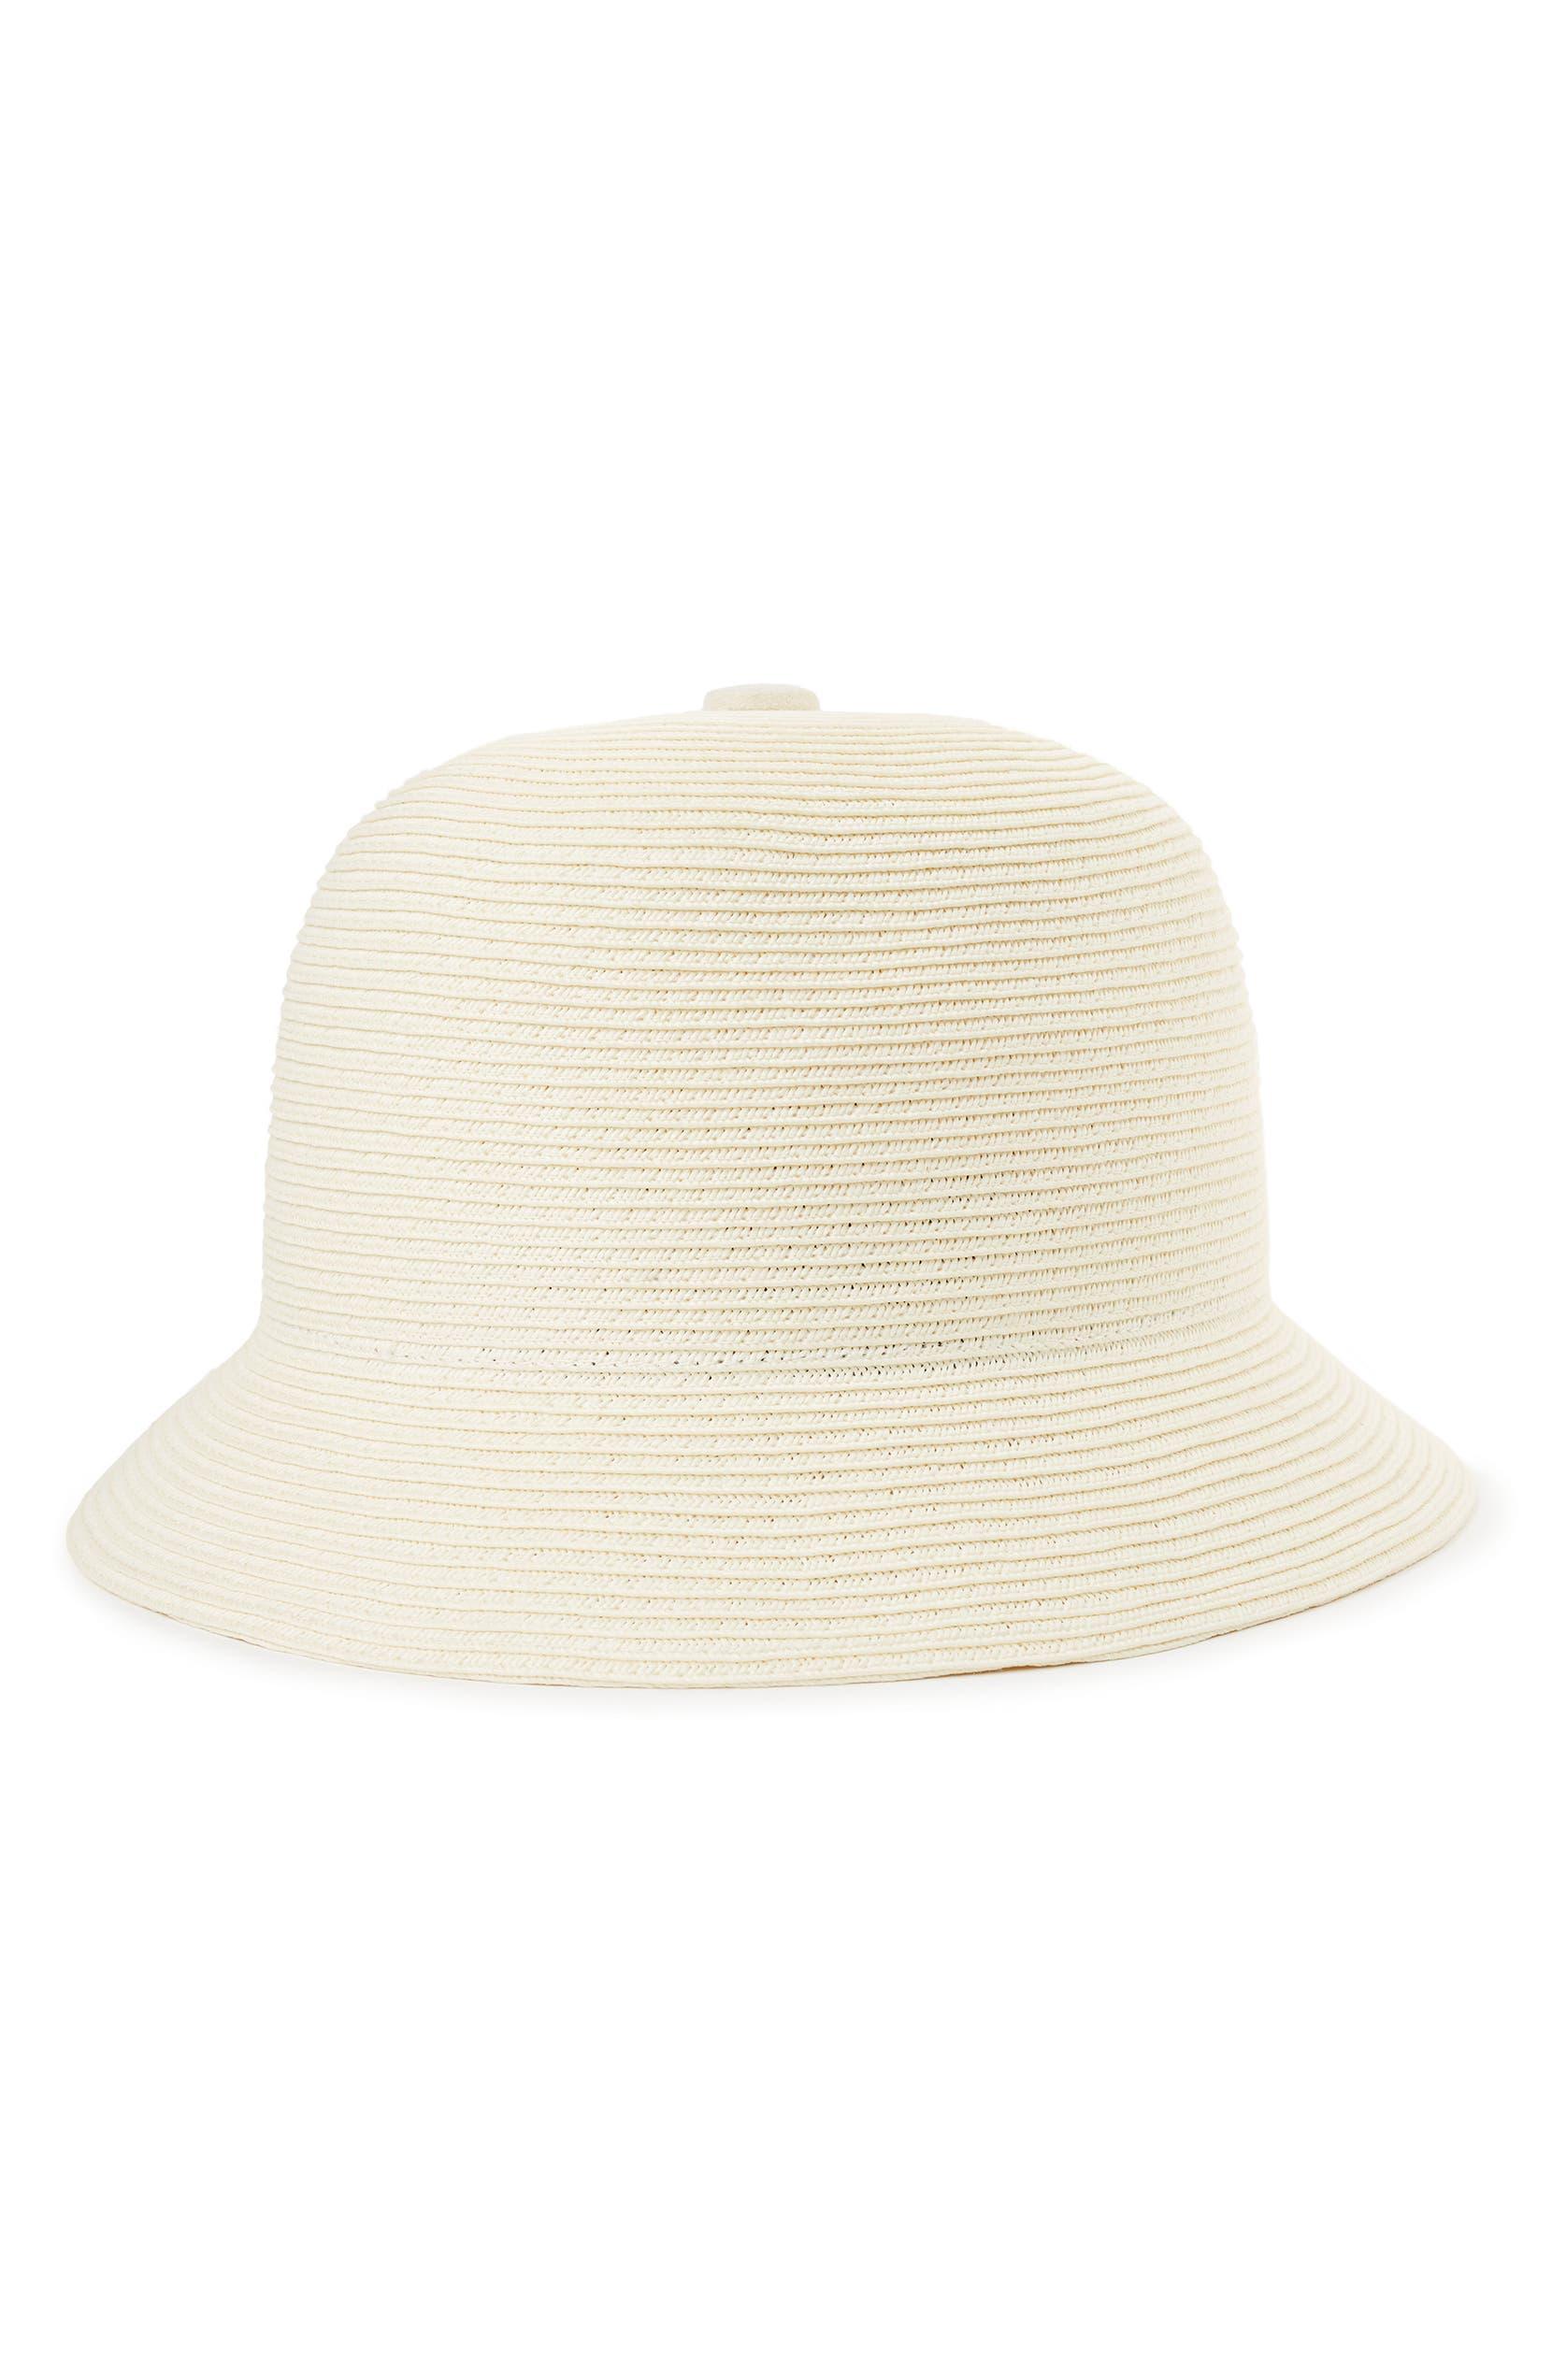 Brixton Essex Straw Bucket Hat  7fbc6284b64